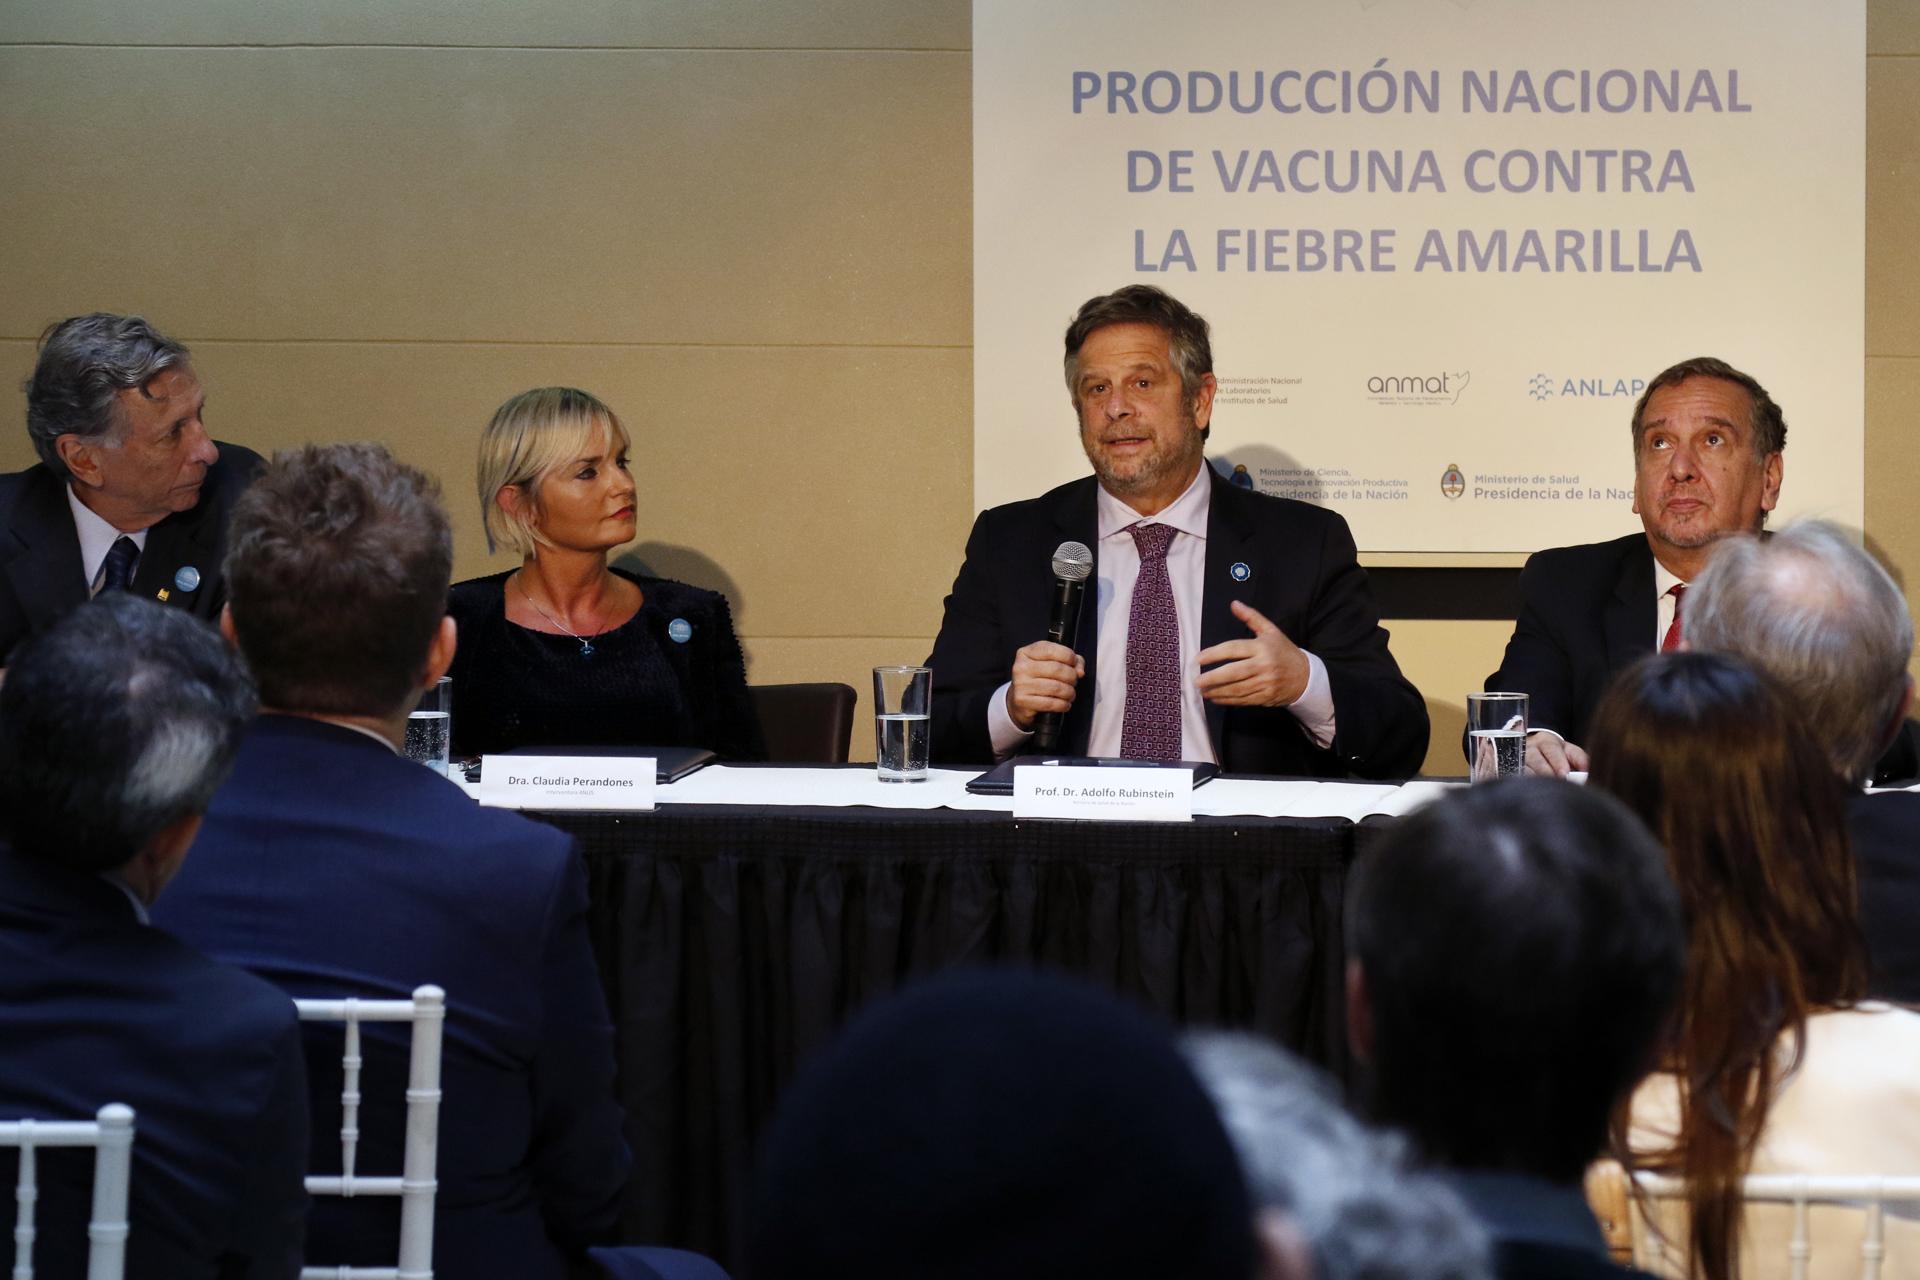 11-05-18 Rubinstein y Barañao convenio producción vacuna fiebre amarilla 2